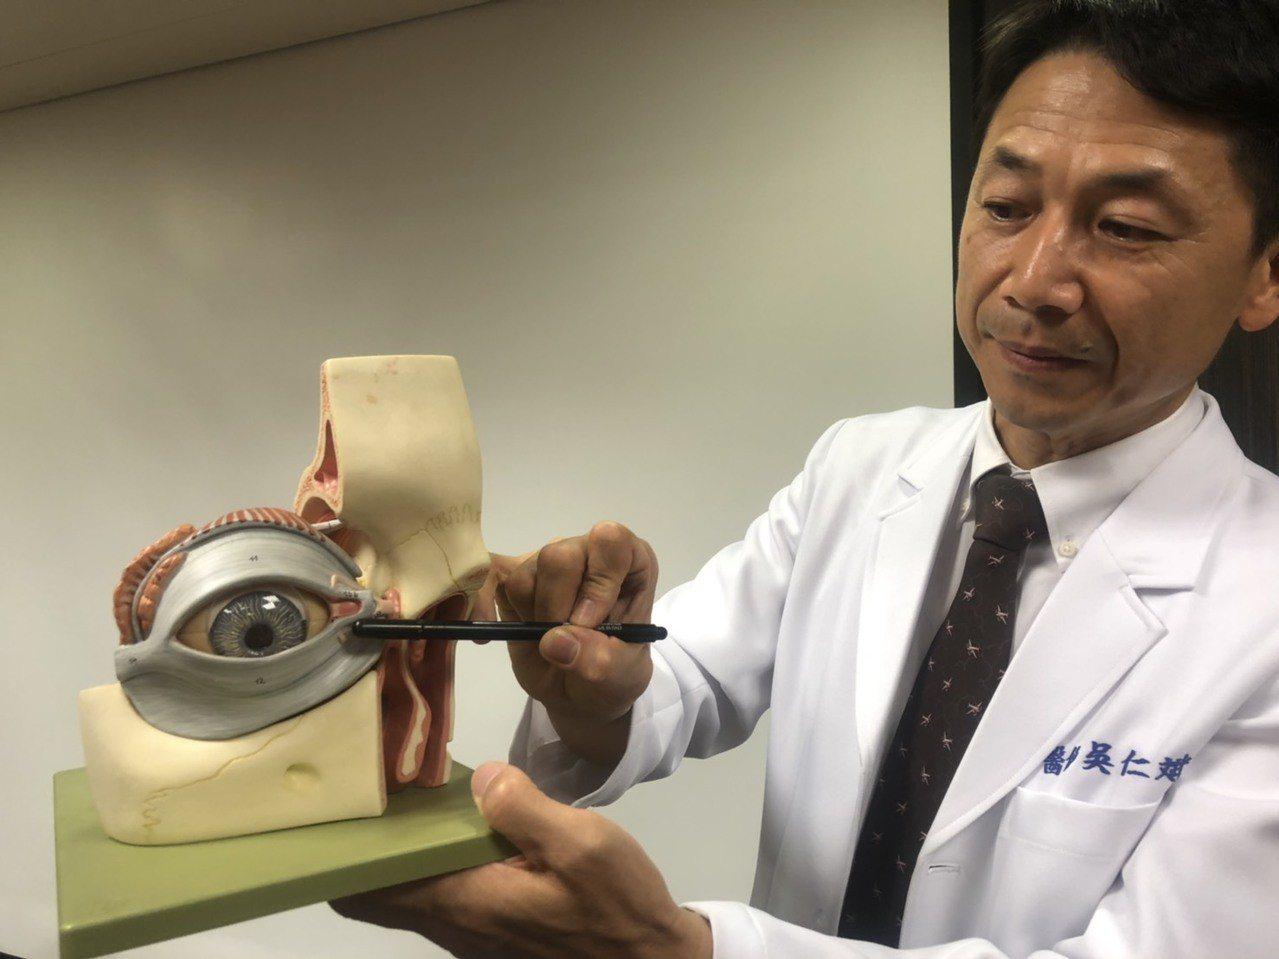 眼科醫師吳仁斌表示,感冒時因鼻腔塞住使得淚液無法通過鼻淚管,而會有眼角泛淚的狀況...